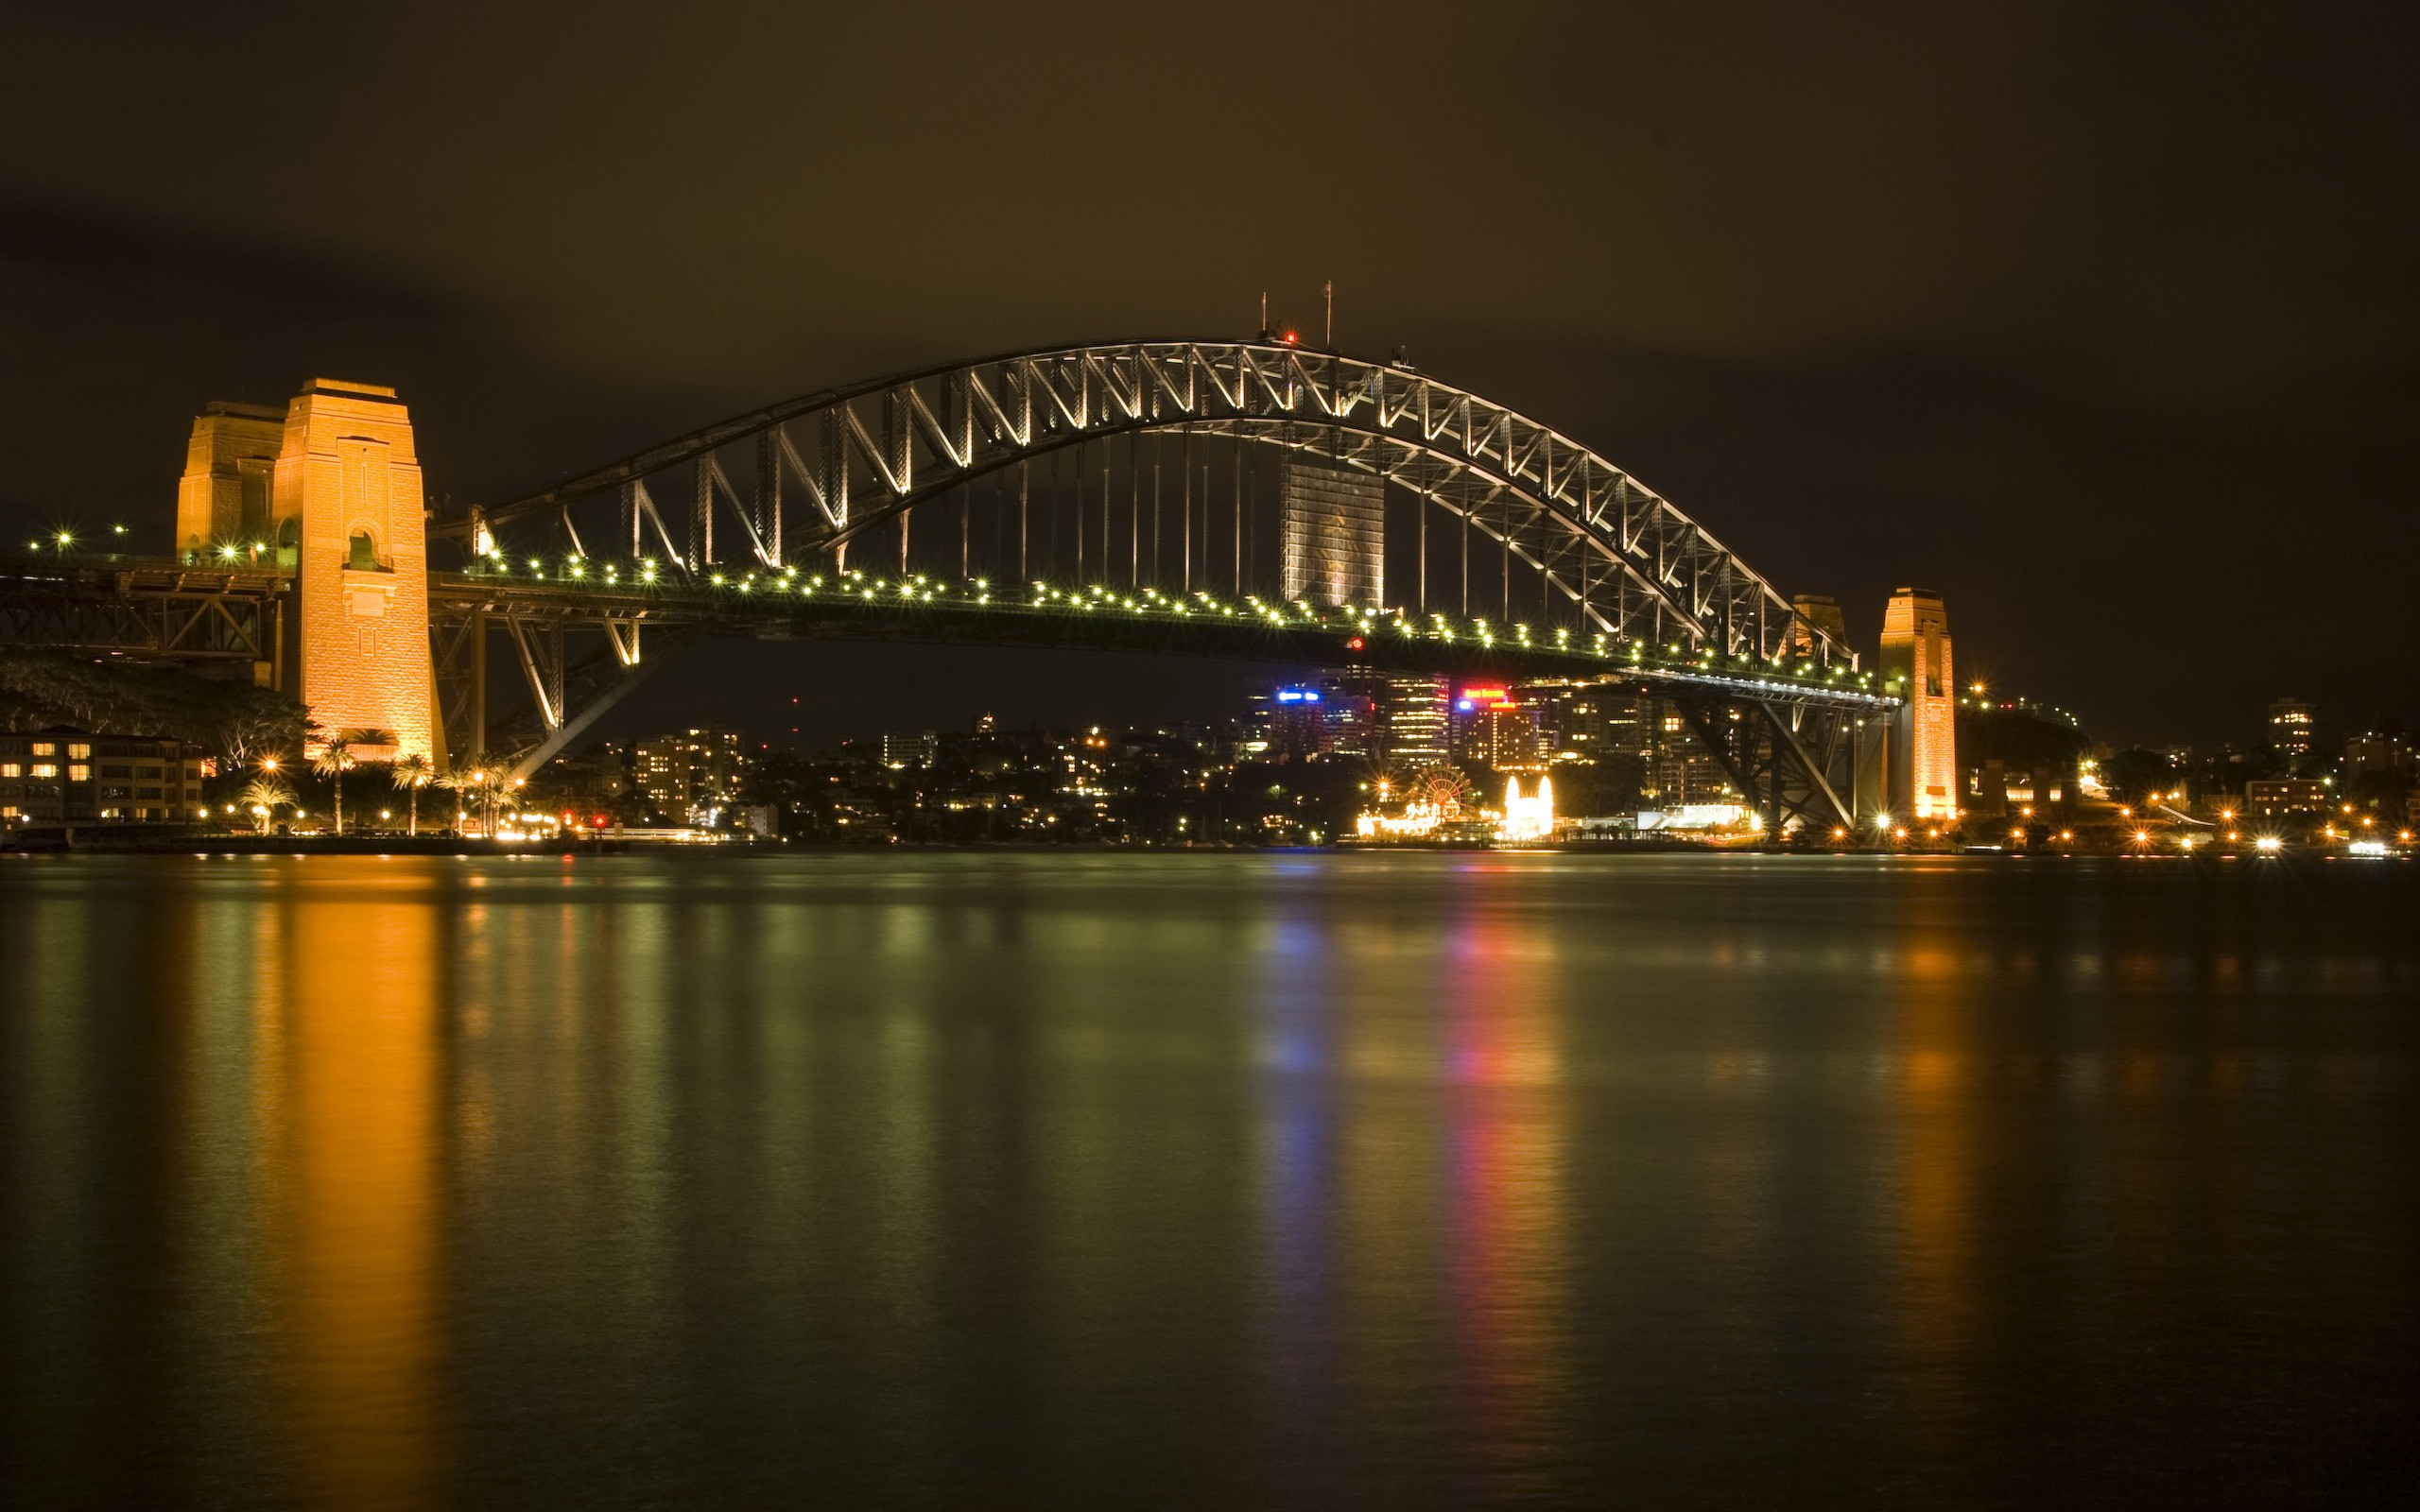 Puente en ciudad - 2560x1600